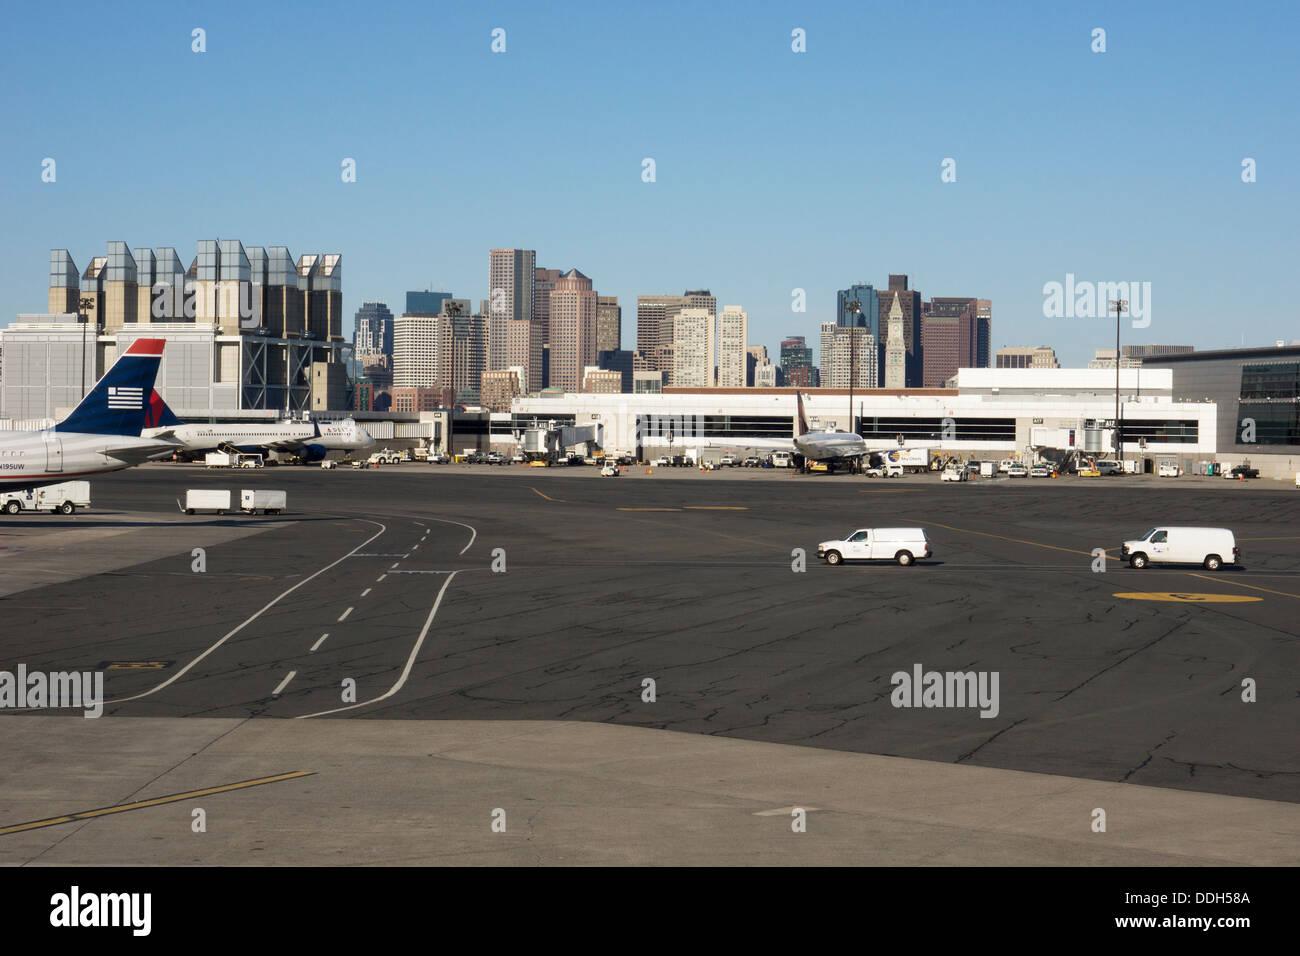 Delantal de aeropuerto a aeropuerto internacional Logan en Boston. Imagen De Stock